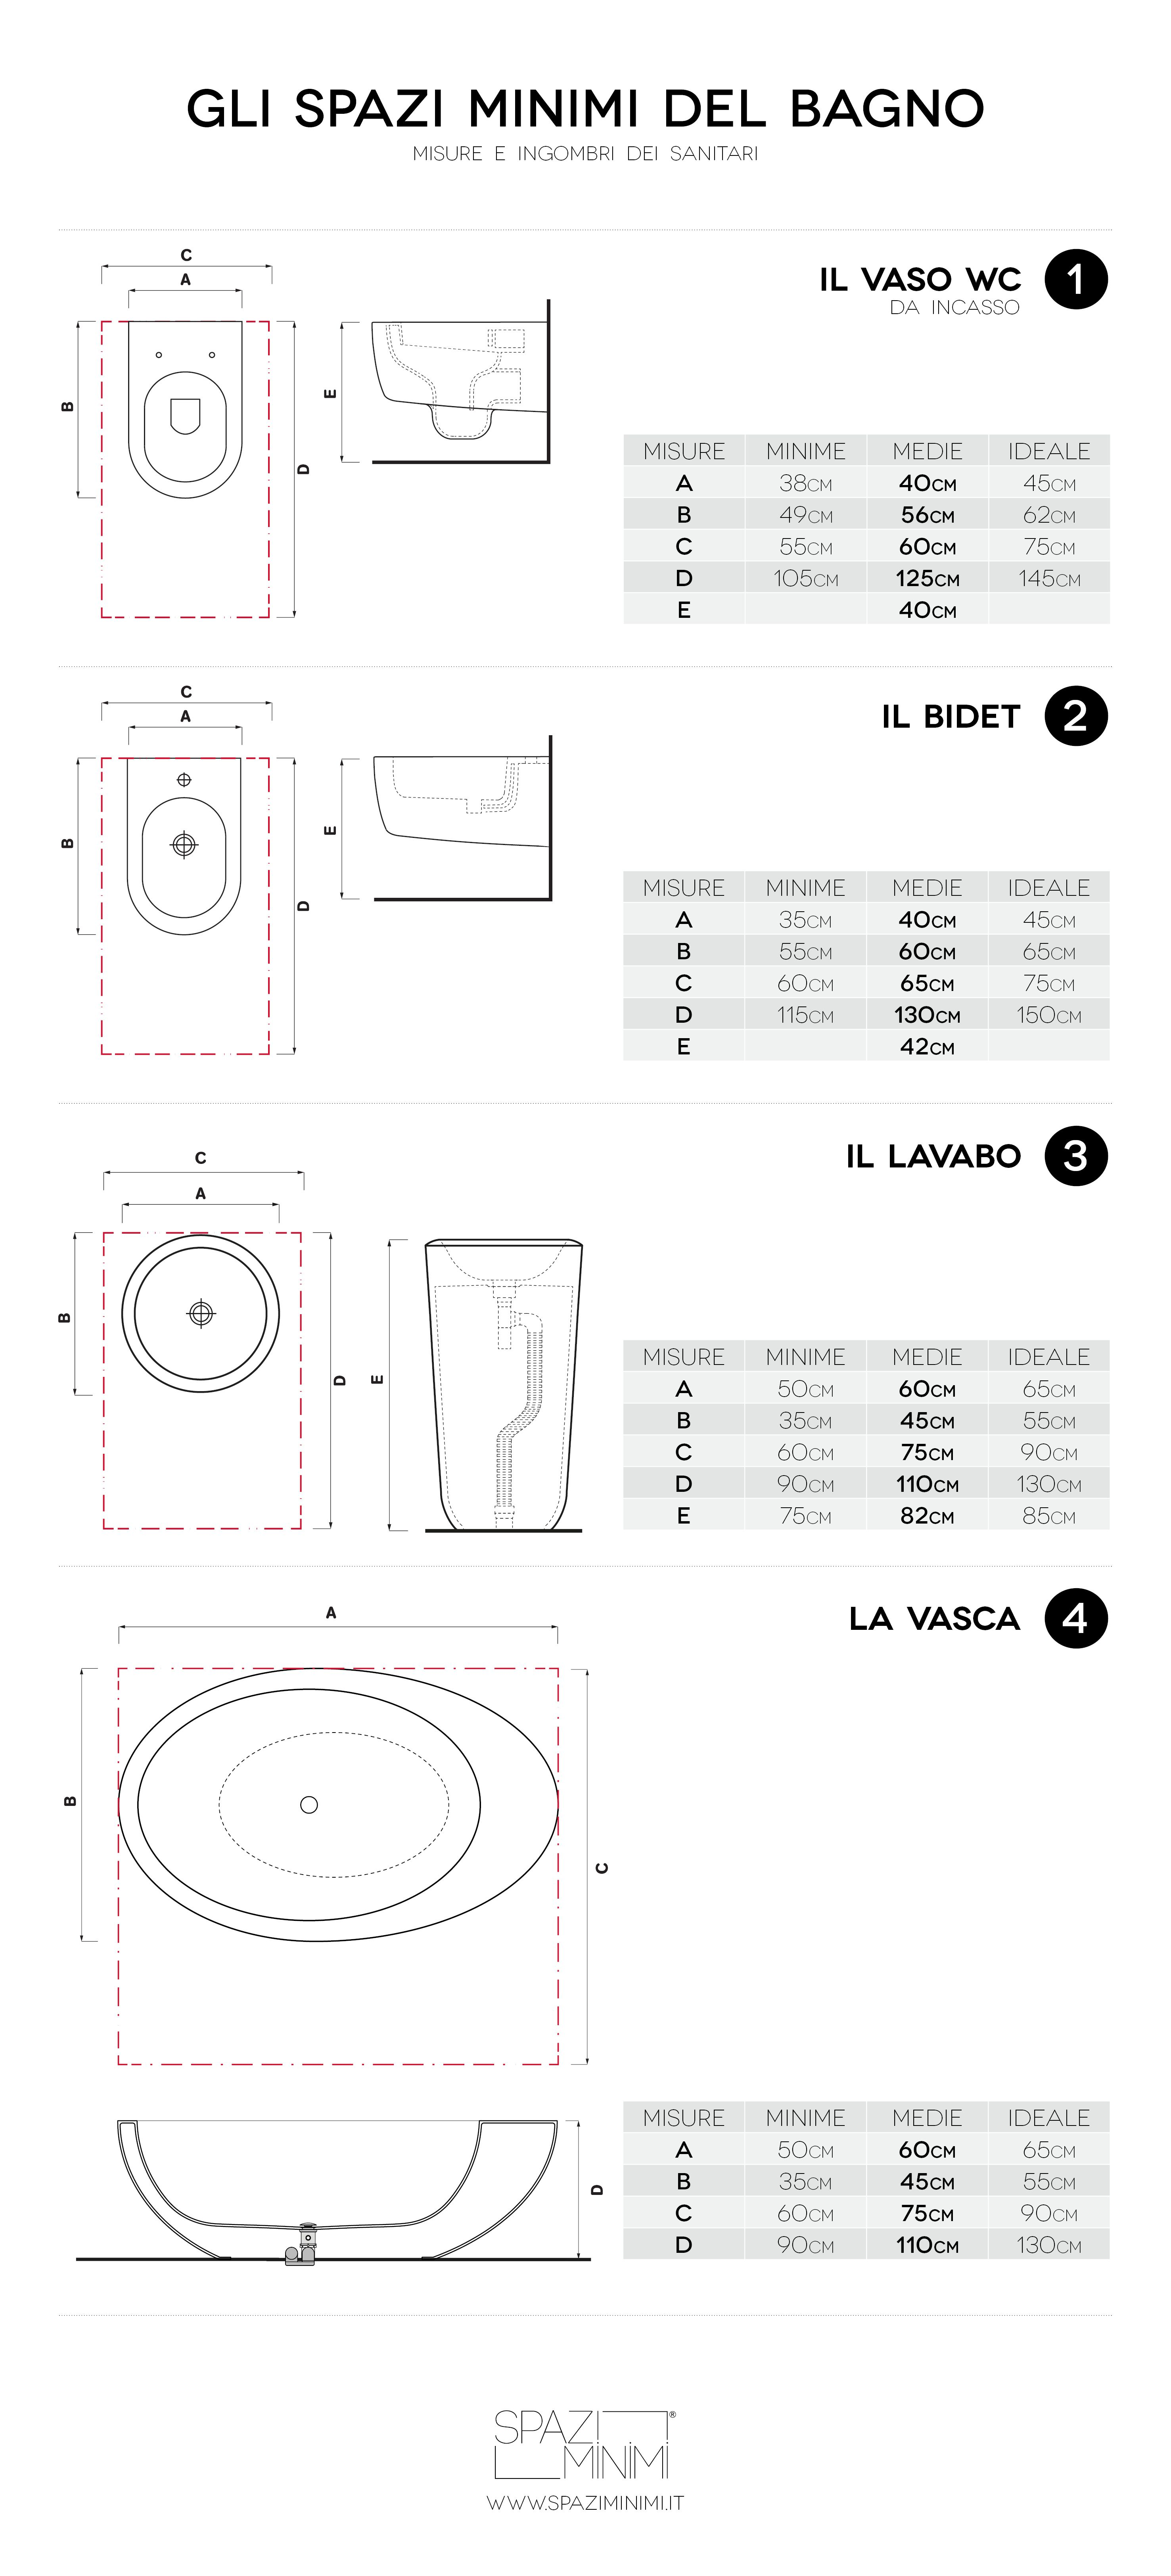 Lavabo Bagno Piccolo Misure misure e ingombri dei principali sanitari (lavabo, wc, bidet